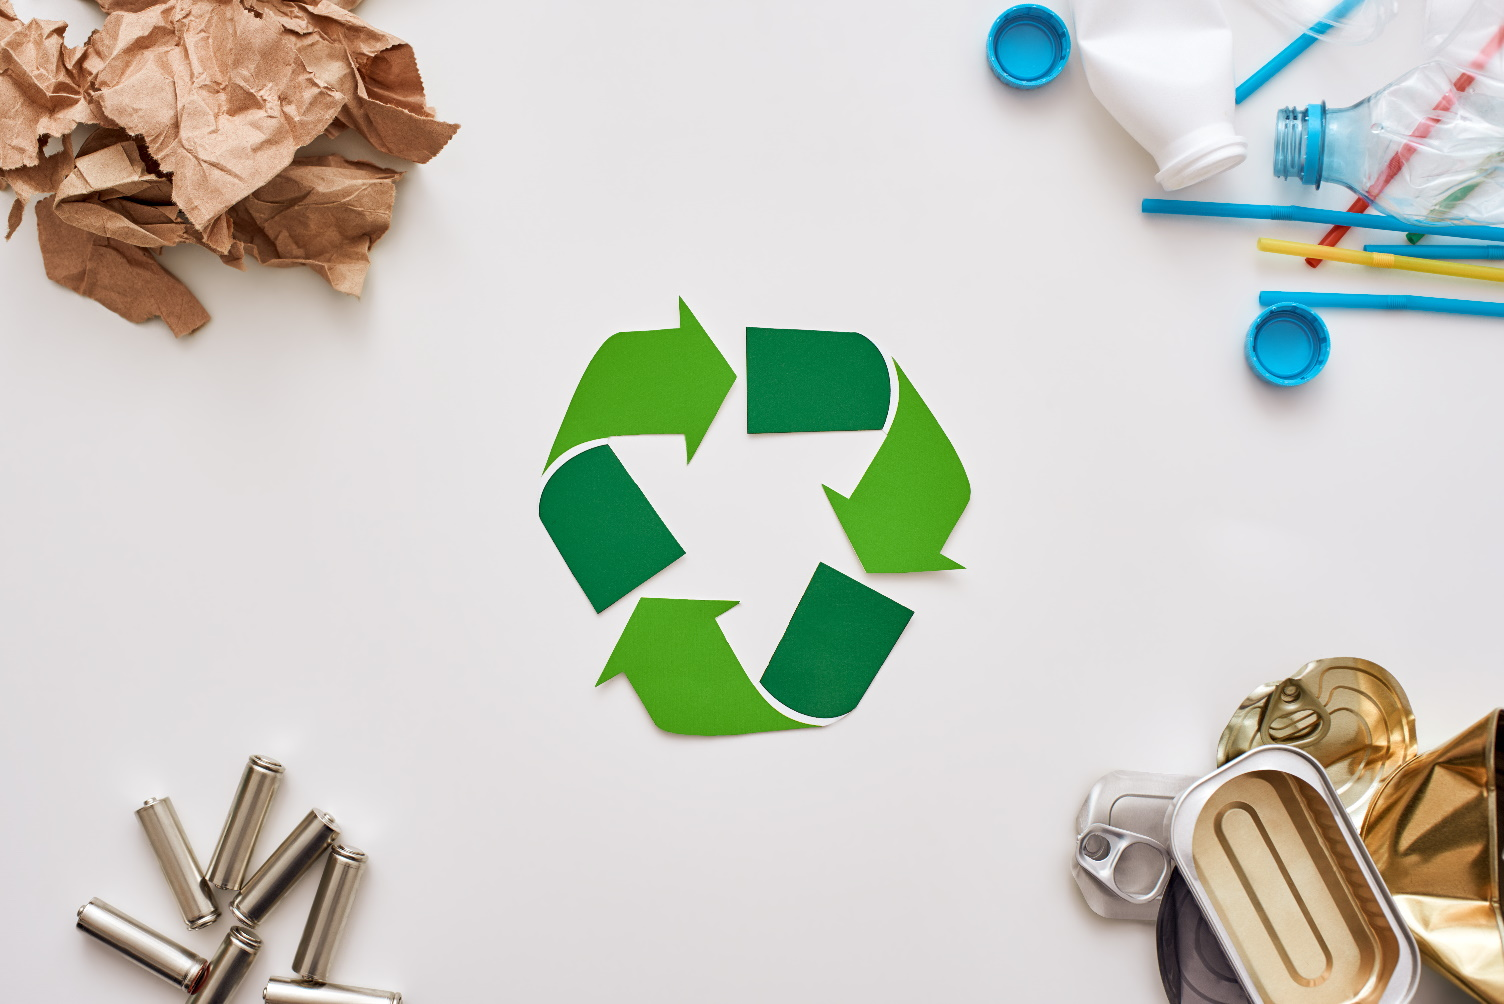 Depositphotos_232201154_xl-2015_Čtyři druhy odpadků. Baterie, canns, papíru a plastu v rozích_small